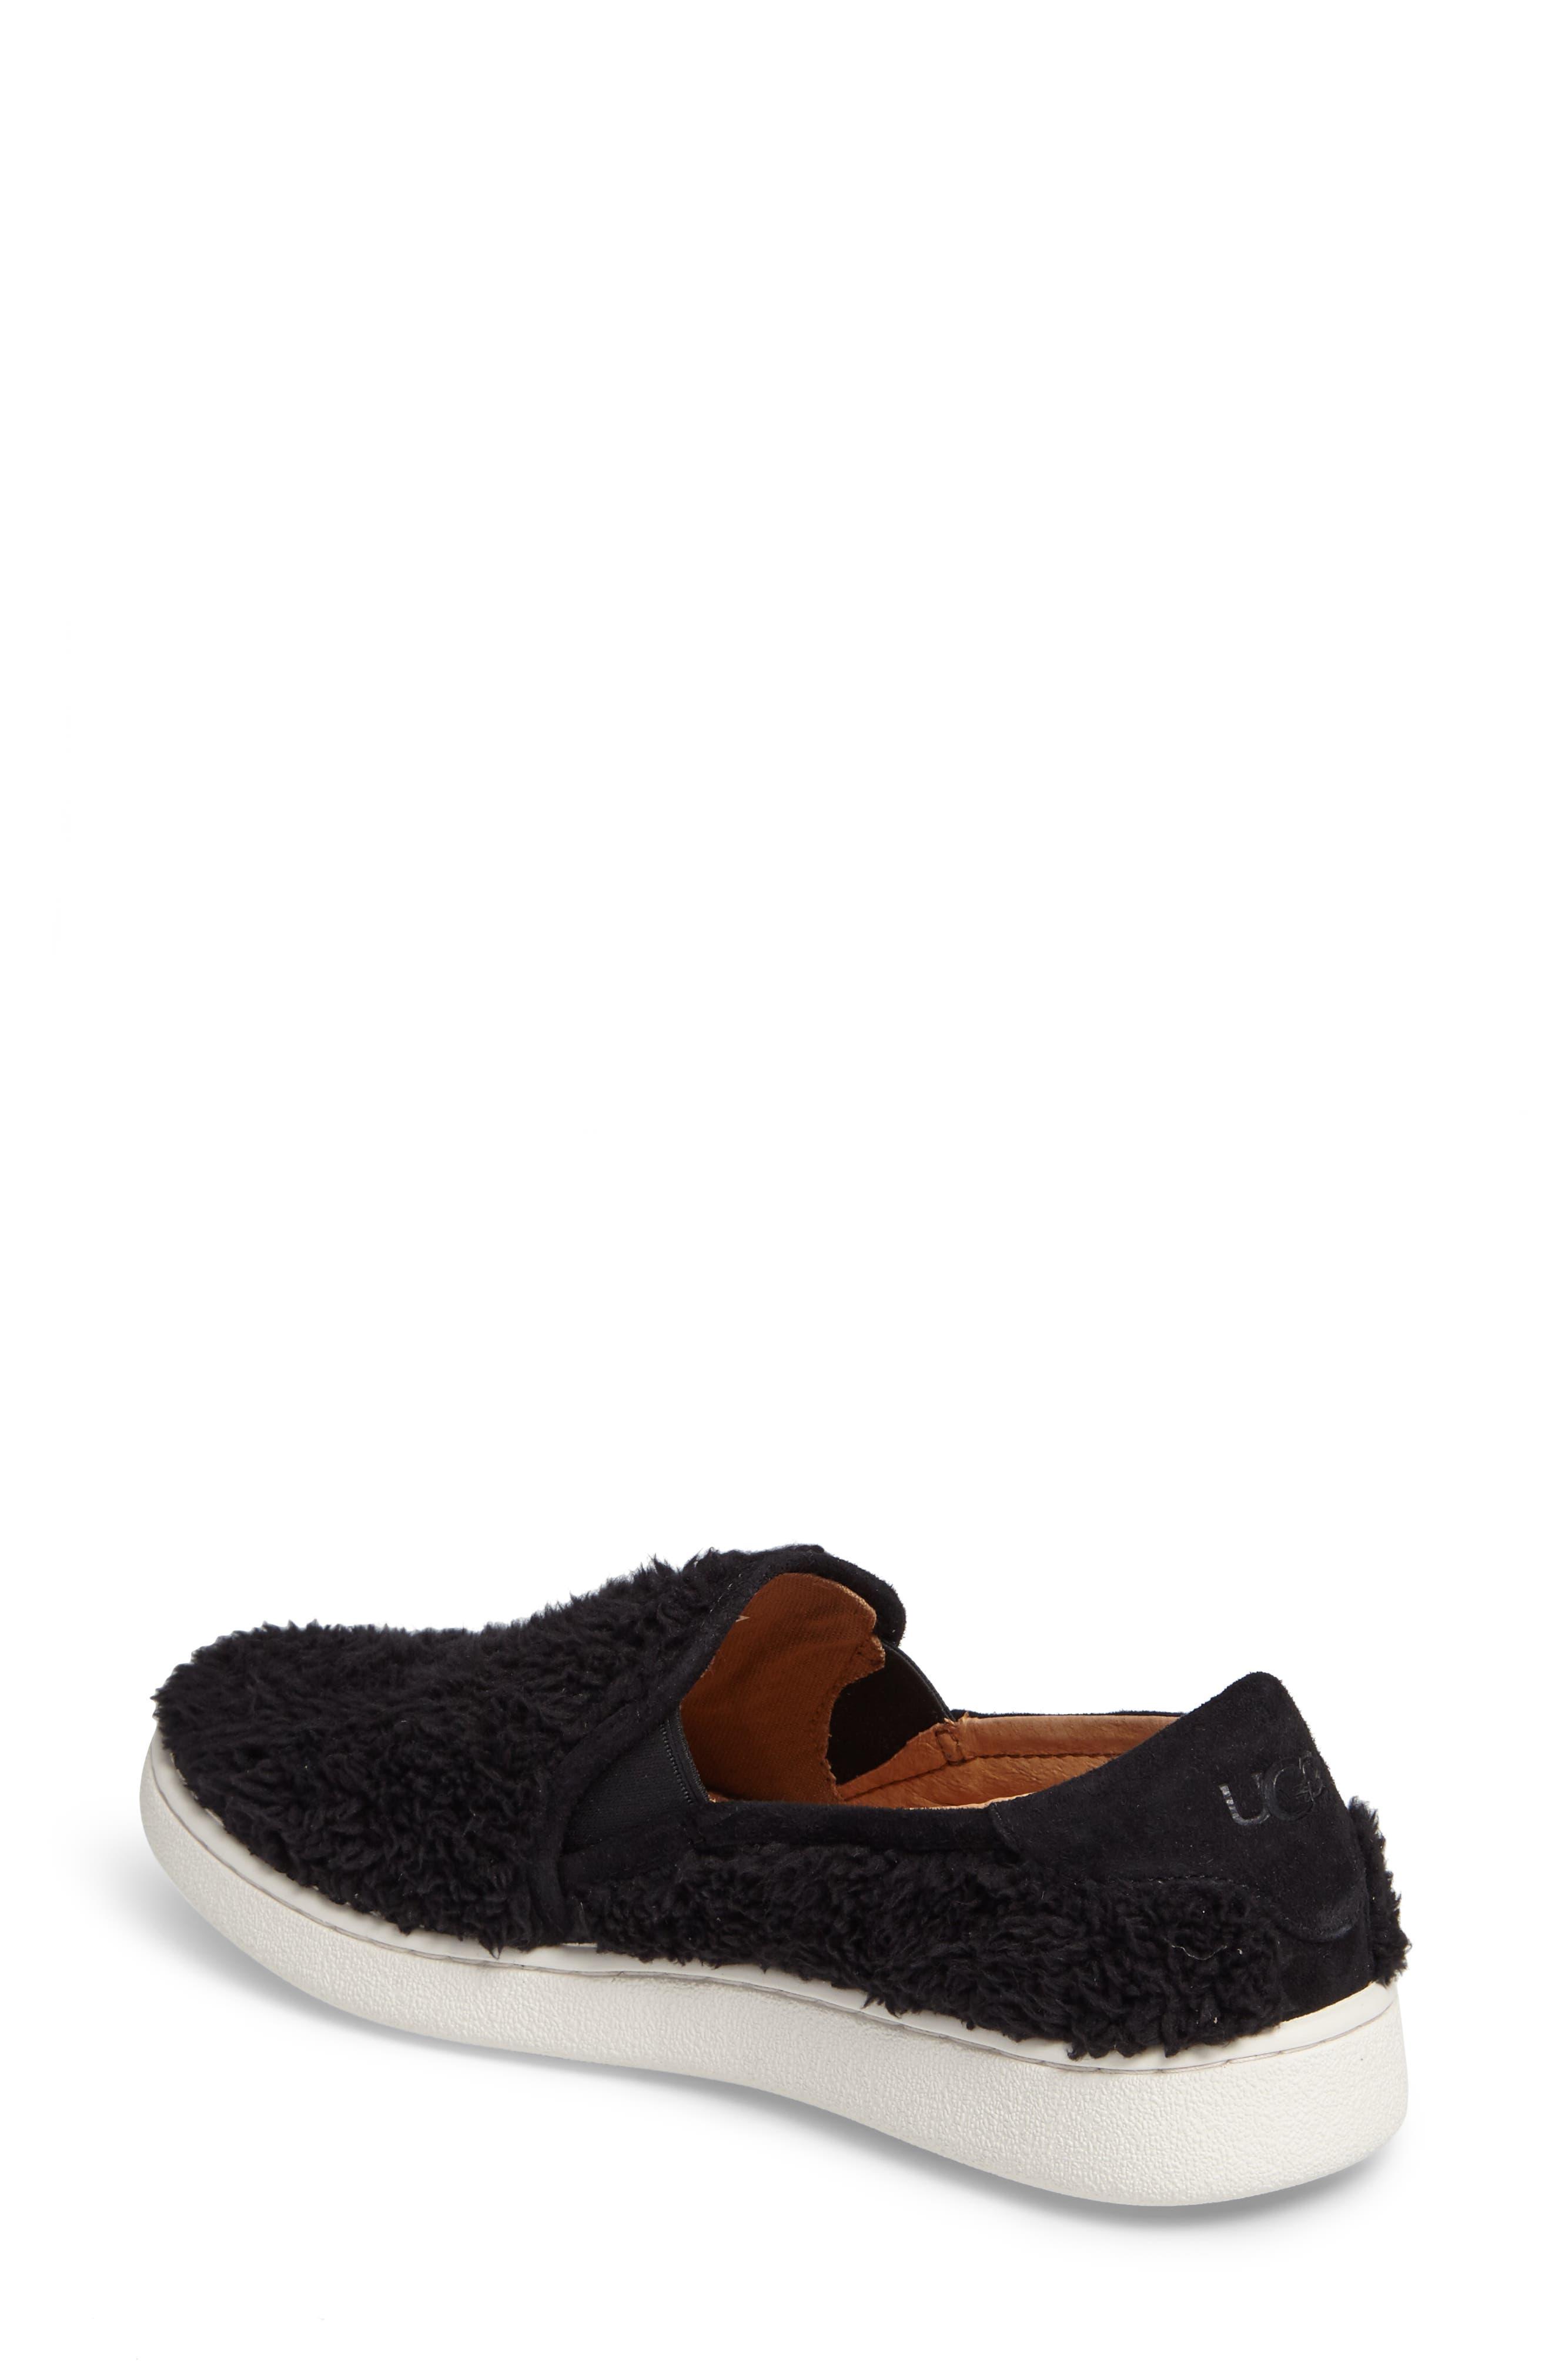 Ricci Plush Slip-On Sneaker,                             Alternate thumbnail 2, color,                             001